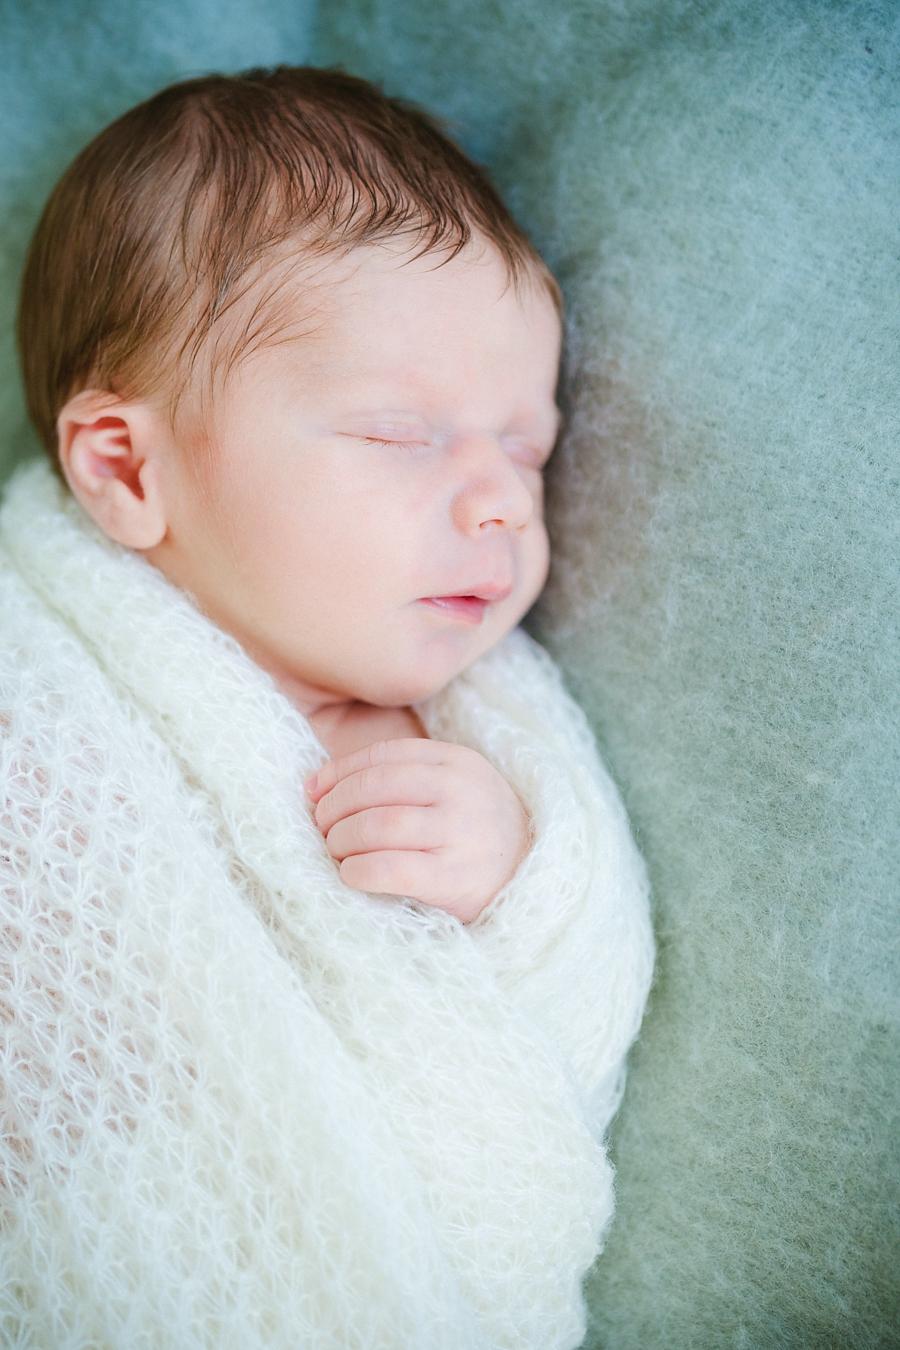 fotografin-newbornshooting-neugeborenes-babyshooting-babyfotos-schwangerschaftsshooting-aachen-herzogenrath-uebach-palenberg-geilenkirchen-koeln-duesseldorf-heinsberg-nrw-blog_015